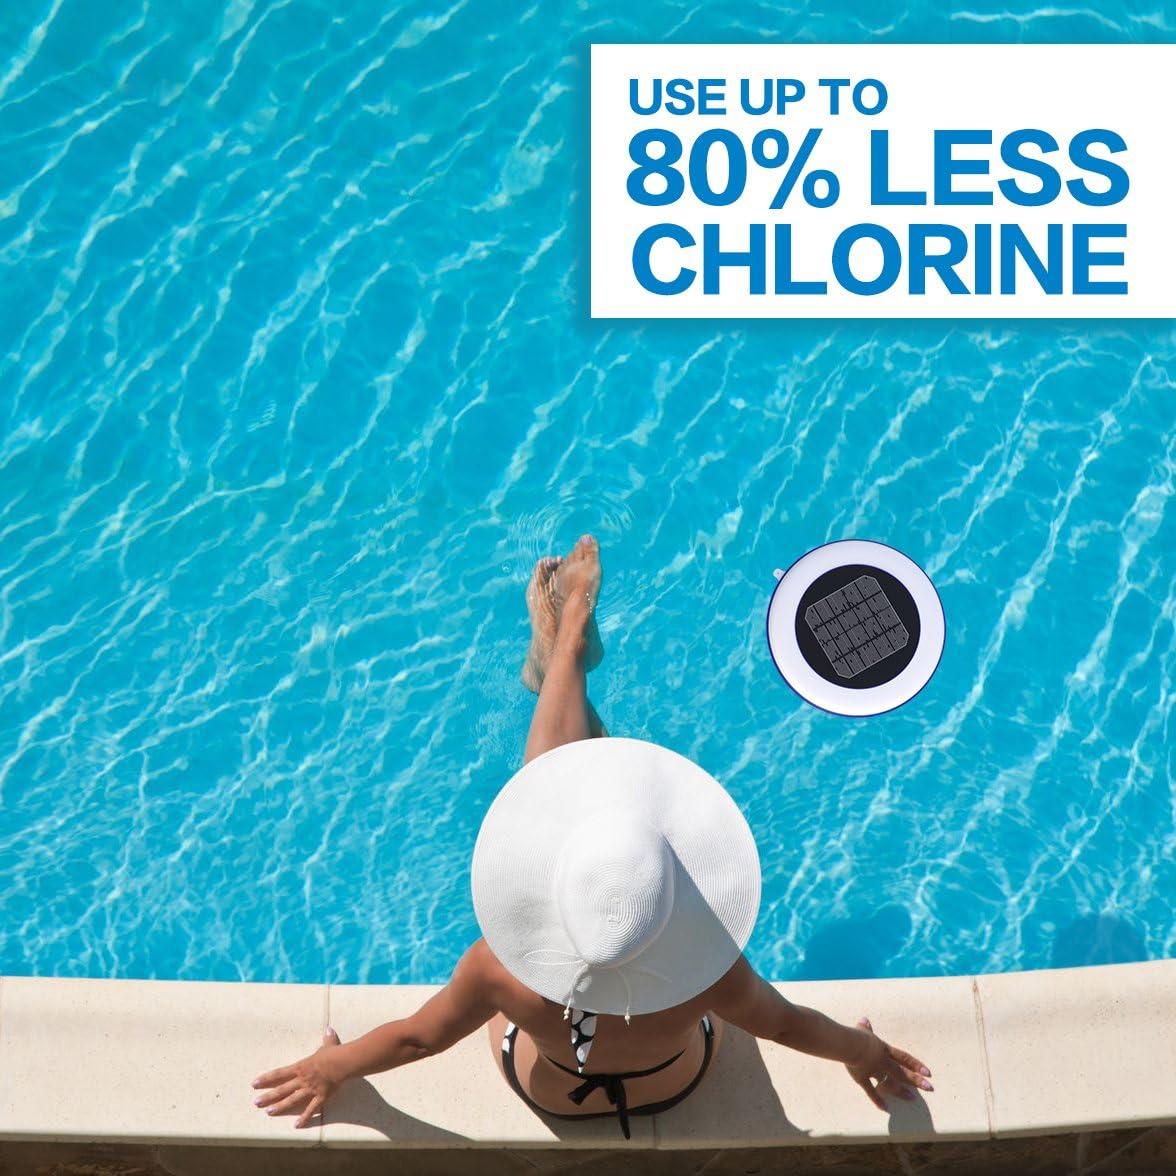 Ionizador de piscina solar: mata algas con un 80% menos de cloro y mantiene el agua brillante, transparente, sin algas, tratamientos de piscina, piscinas de 500 ...